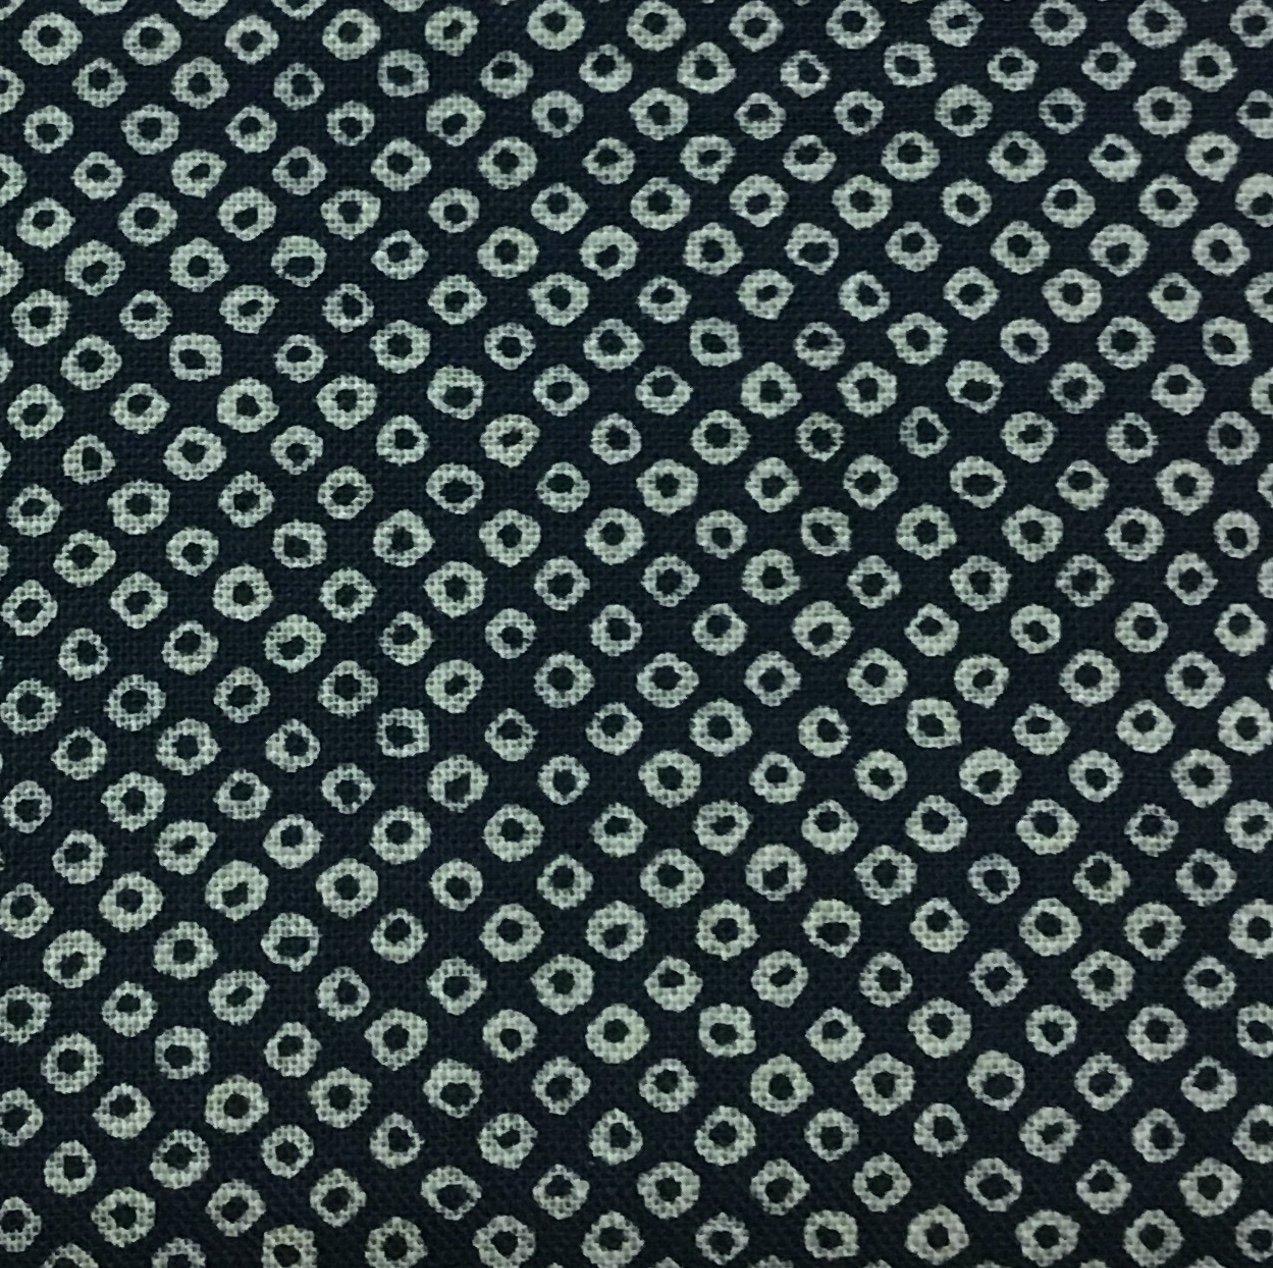 Japanese Woven eye - 88223-25 Indigo